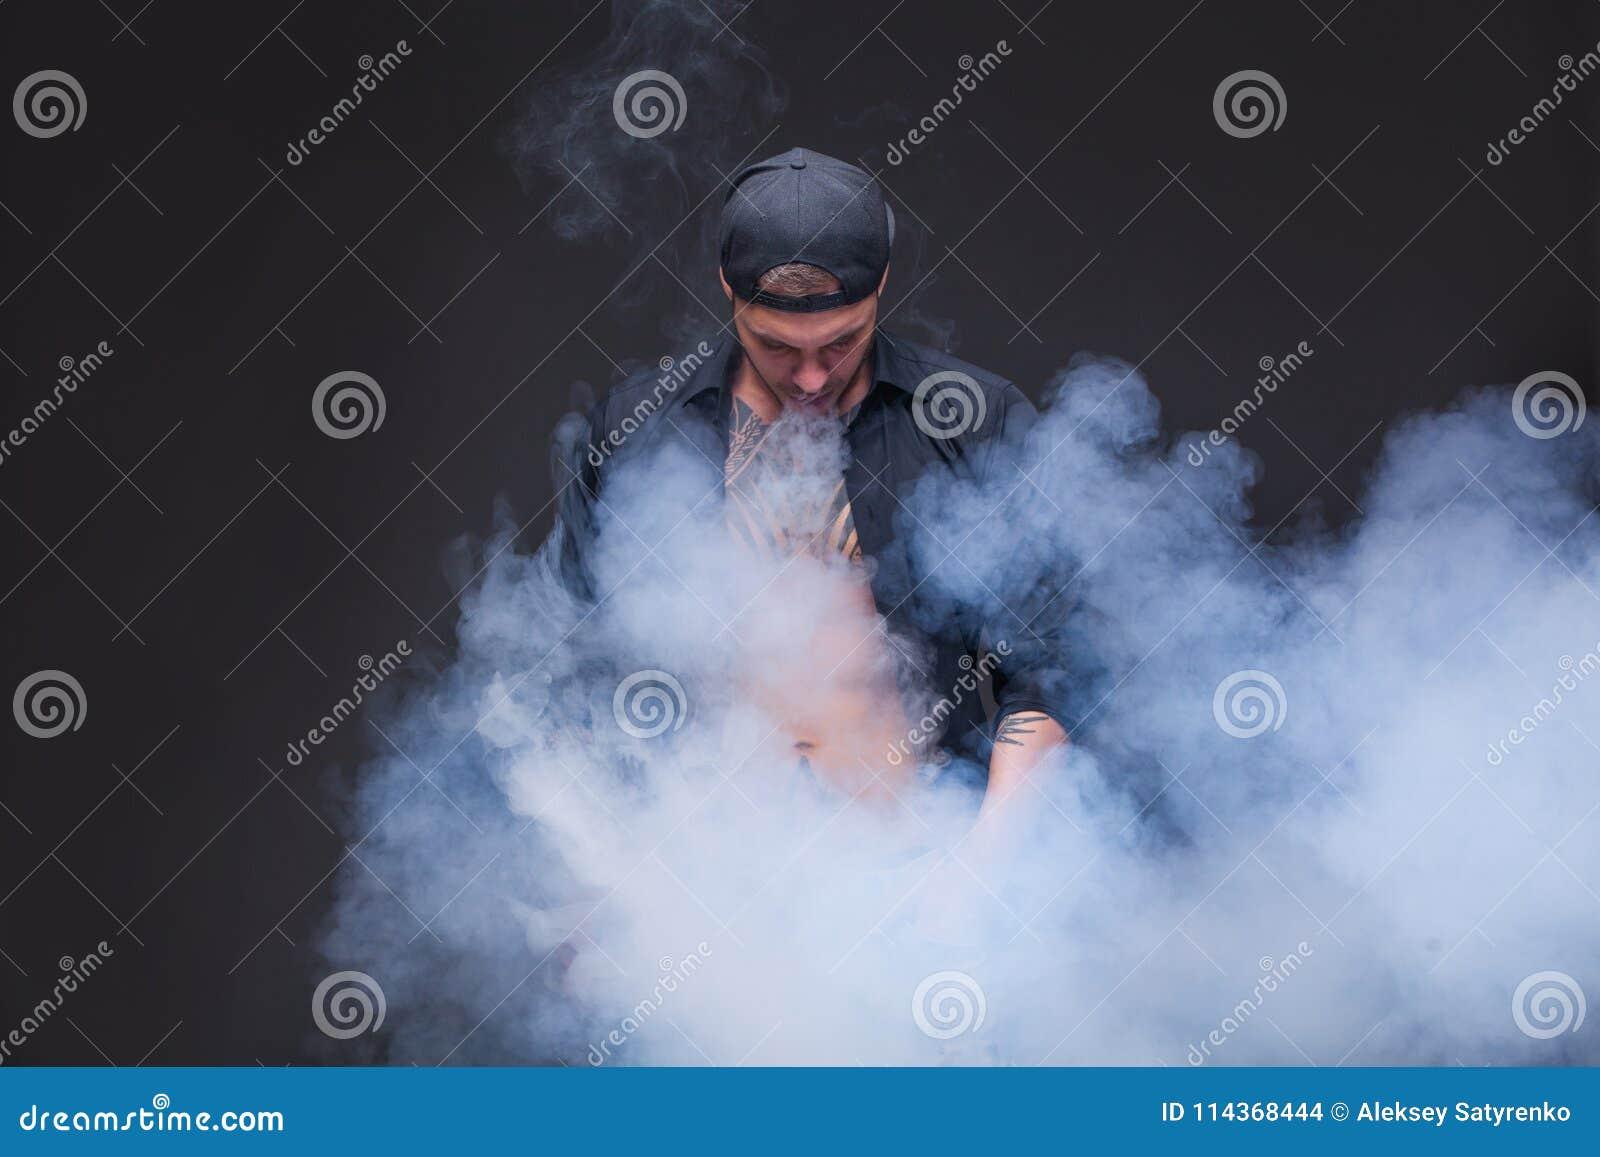 Les Vaper Jean Chemise Et La Blues L'homme A Habillé Noire 11H7S